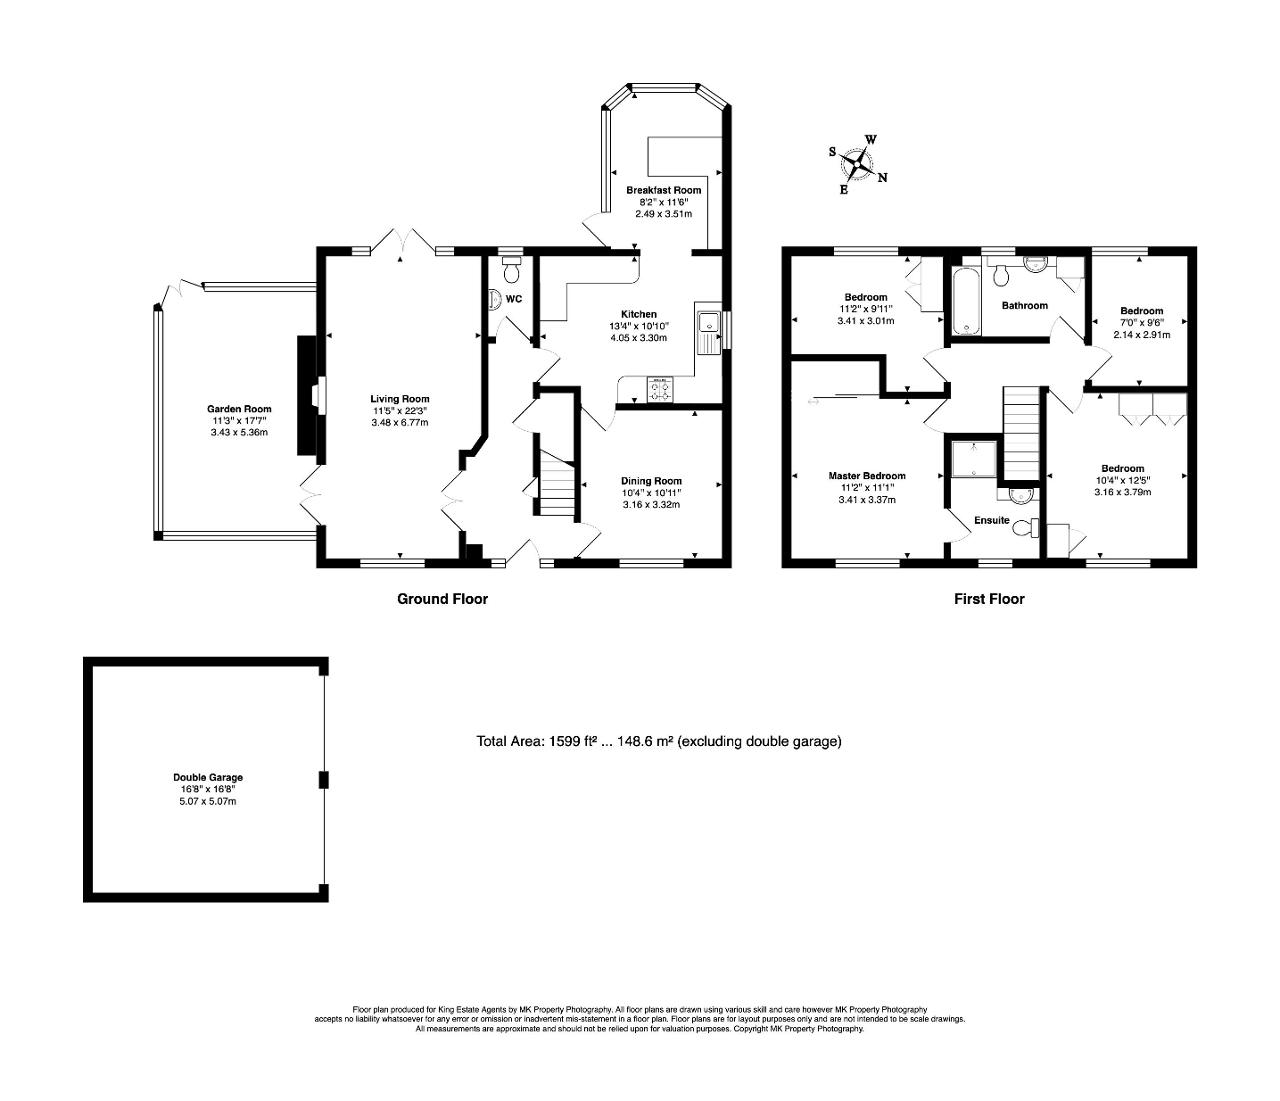 Floorplan for Millington Gate, Willen, Milton Keynes, Buckinghamshire, MK15 9HT